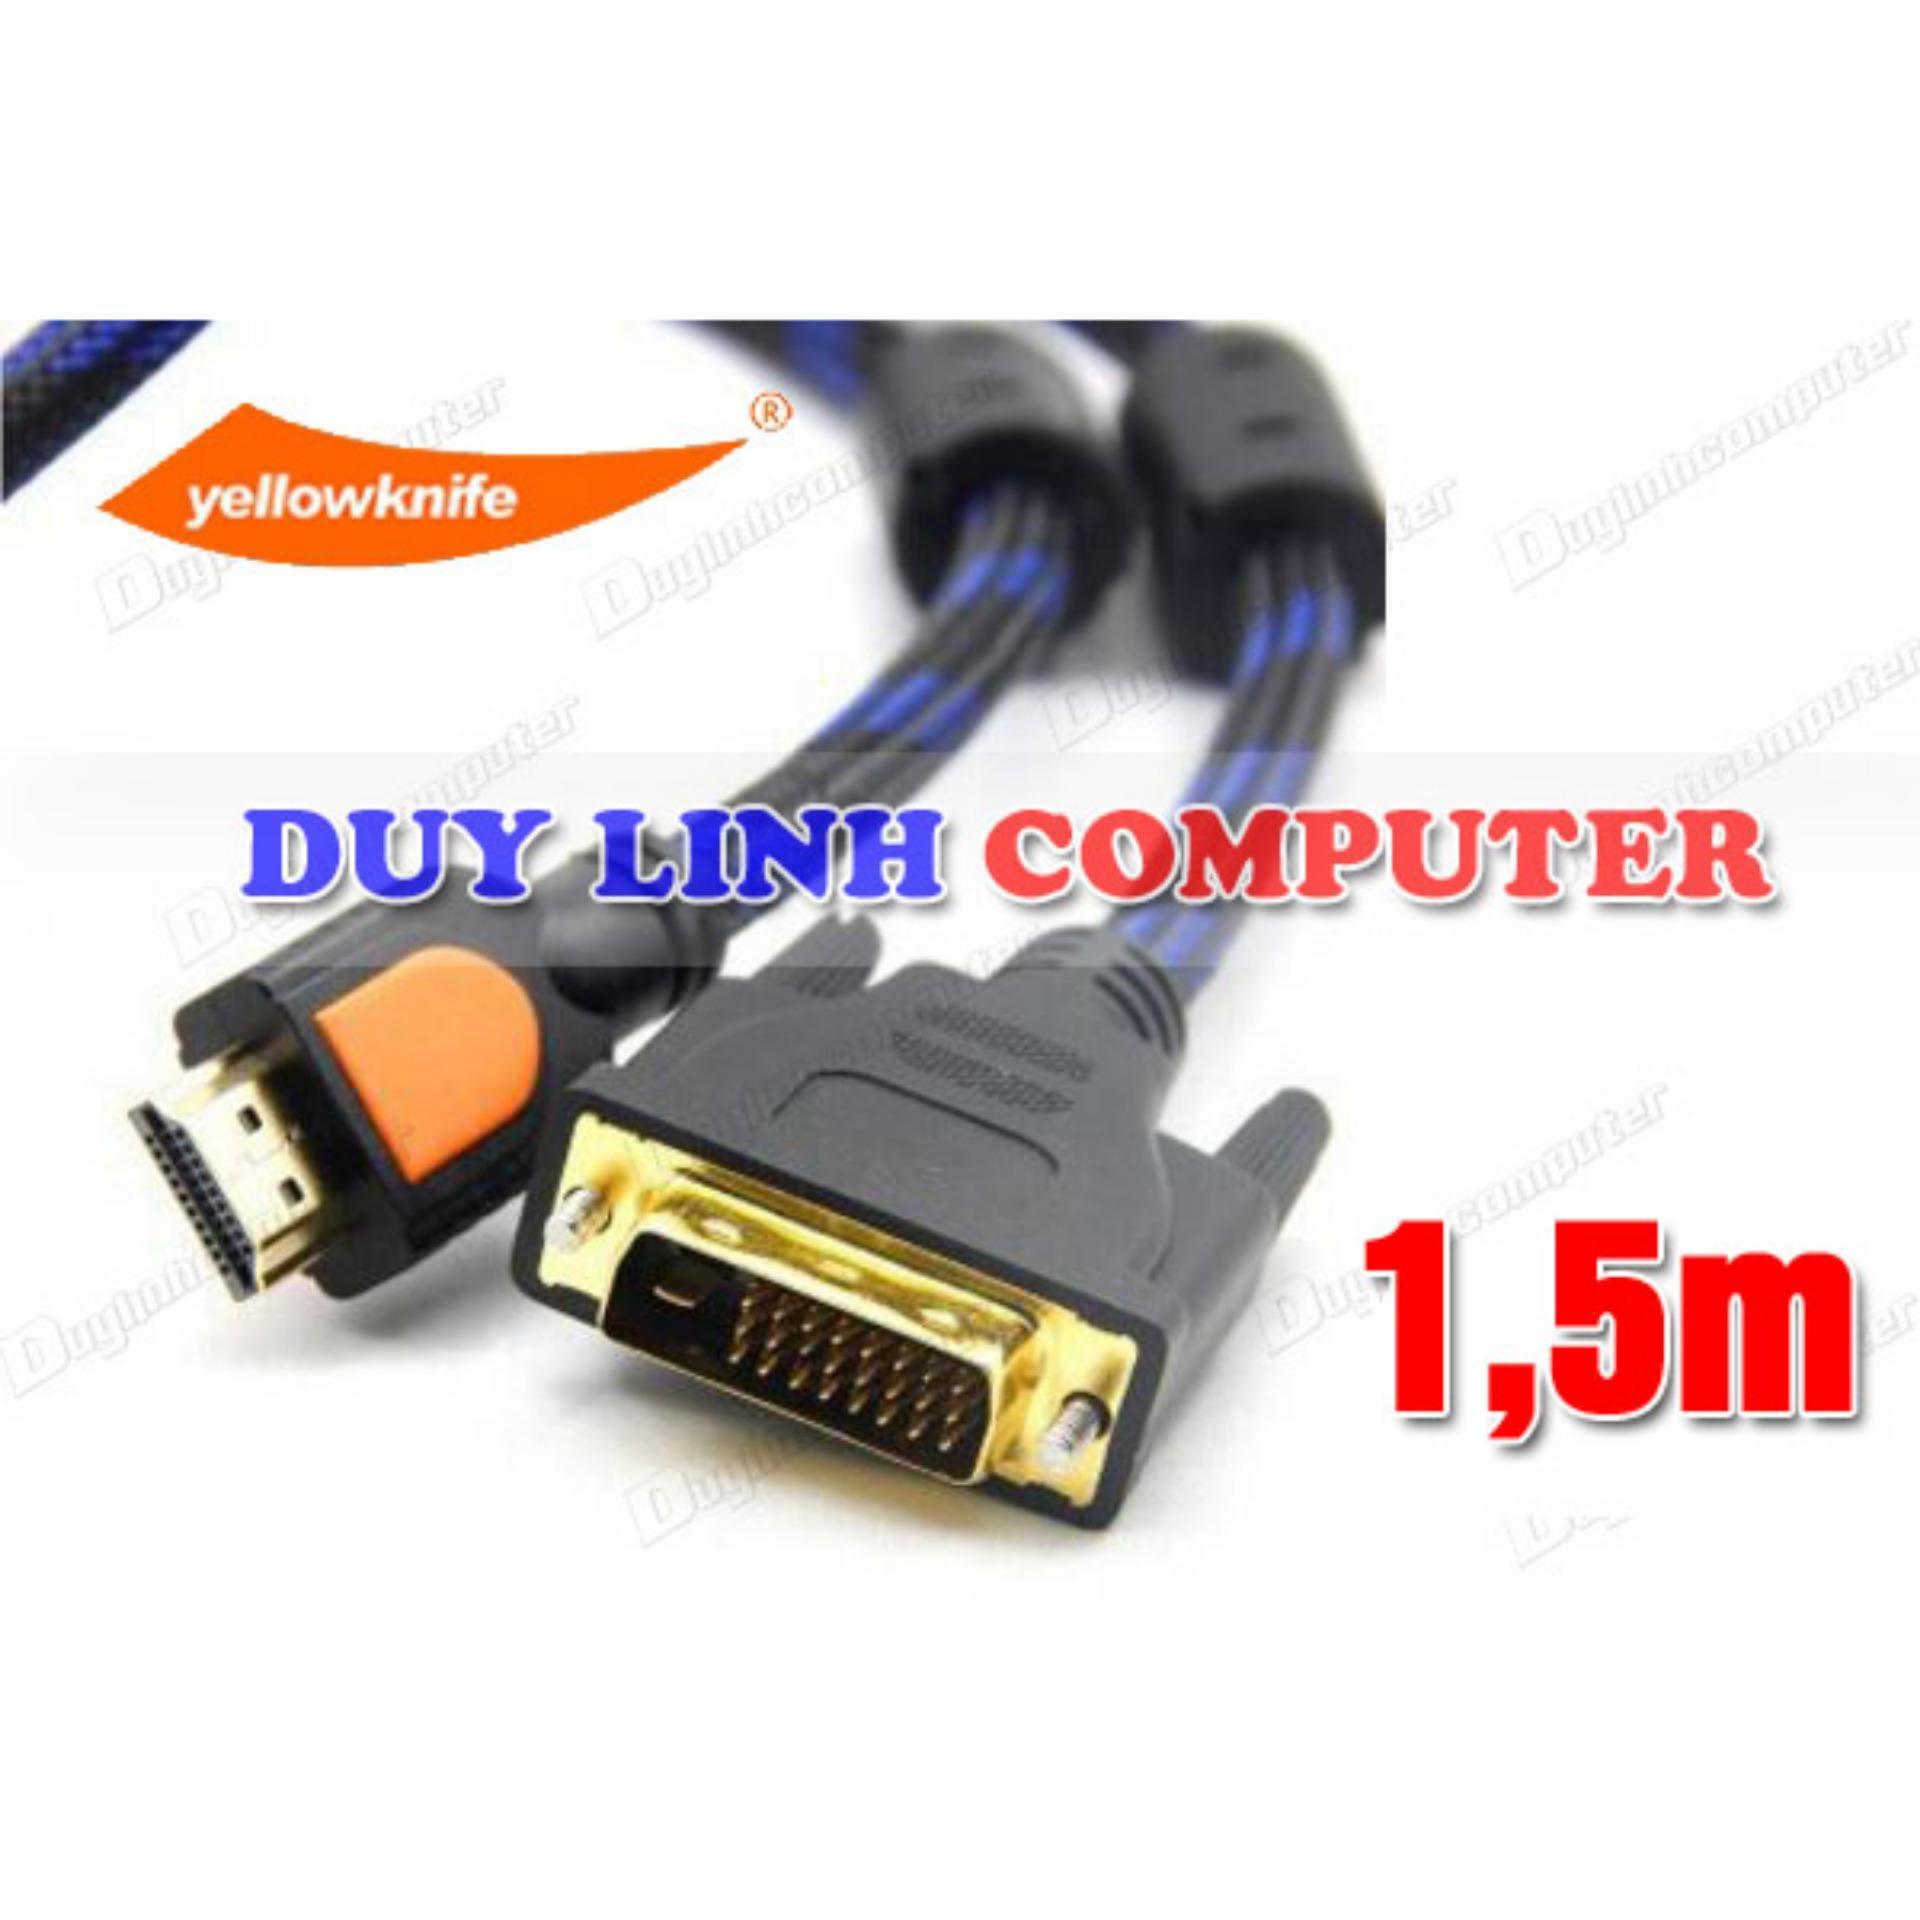 Shop bán Cáp HDMI to DVI dài 1.5m YellowKnife giá chỉ 110.000₫